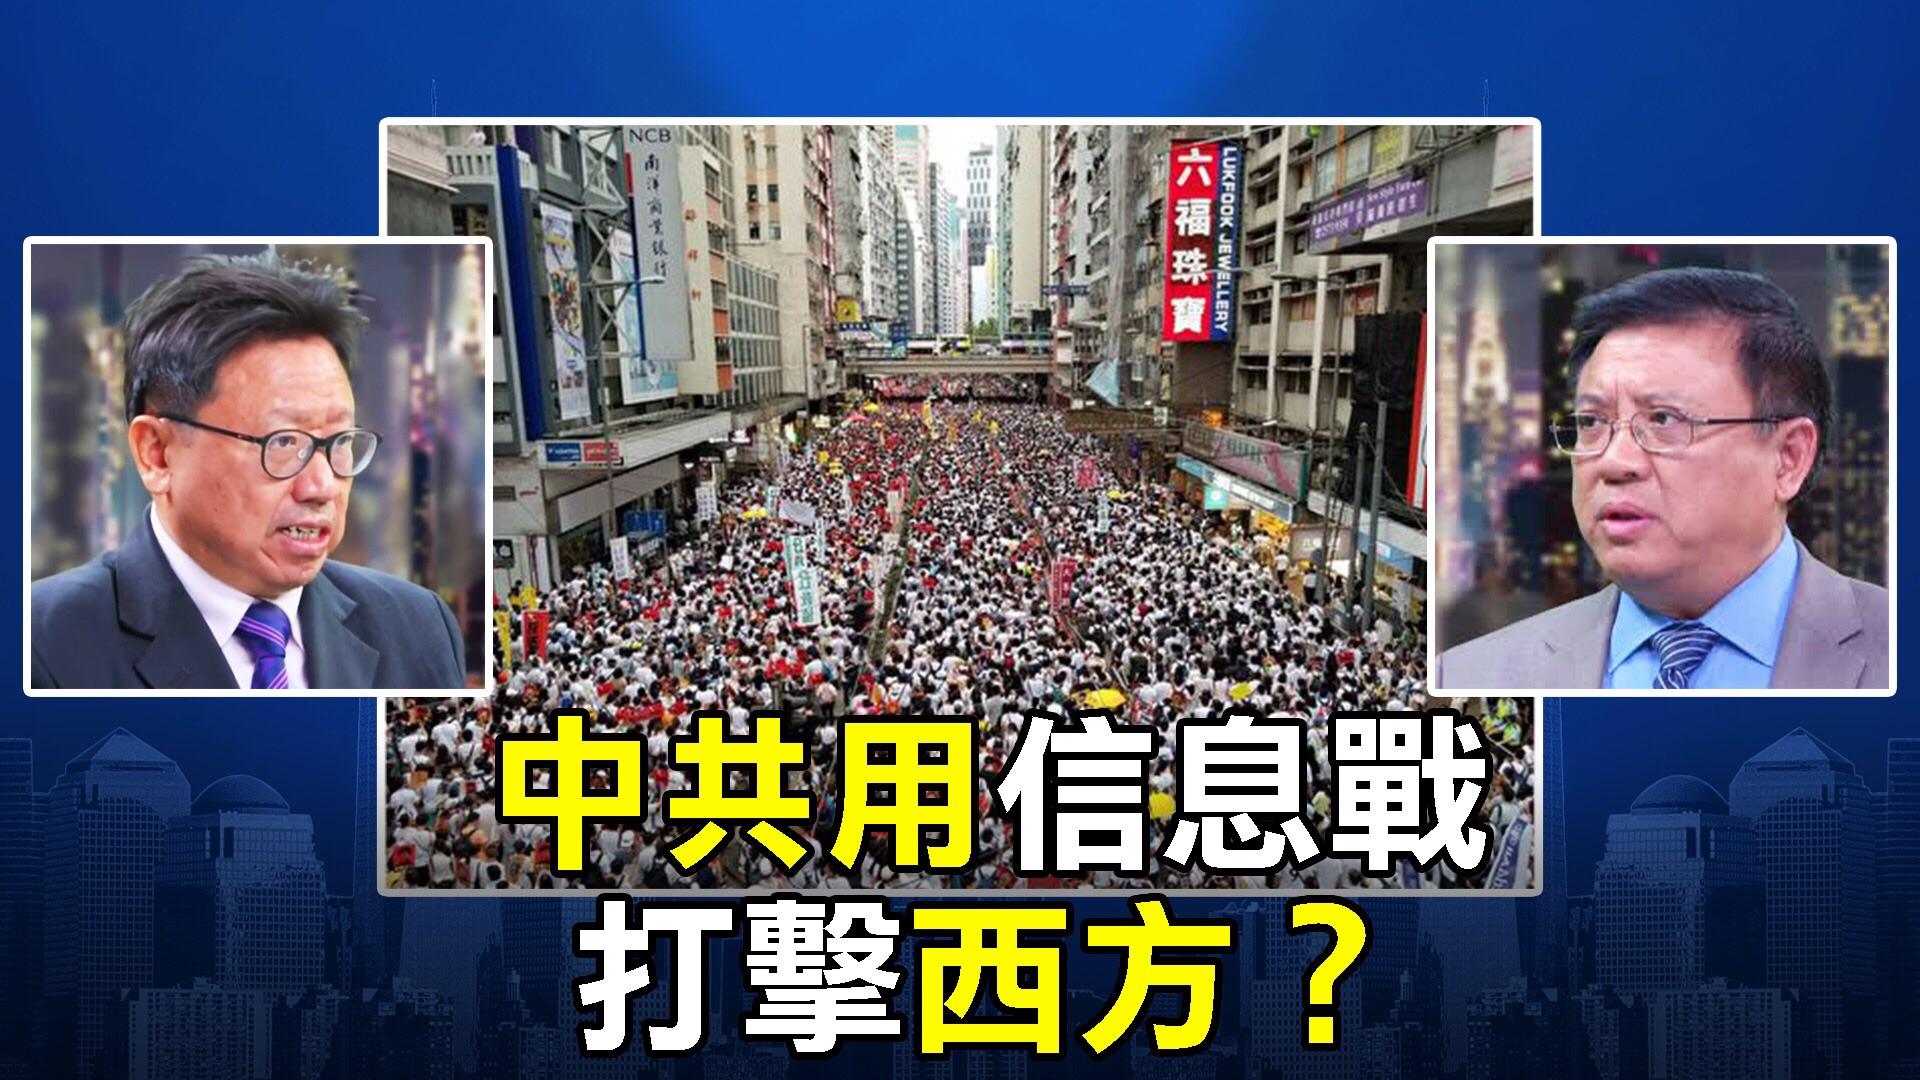 新唐人《熱點互動》節目邀請嘉賓:旅美中國作家、政治評論家陳破空和中國時事評論員橫河講述「中共是如何打造另類版本的香港故事的」。(新唐人)